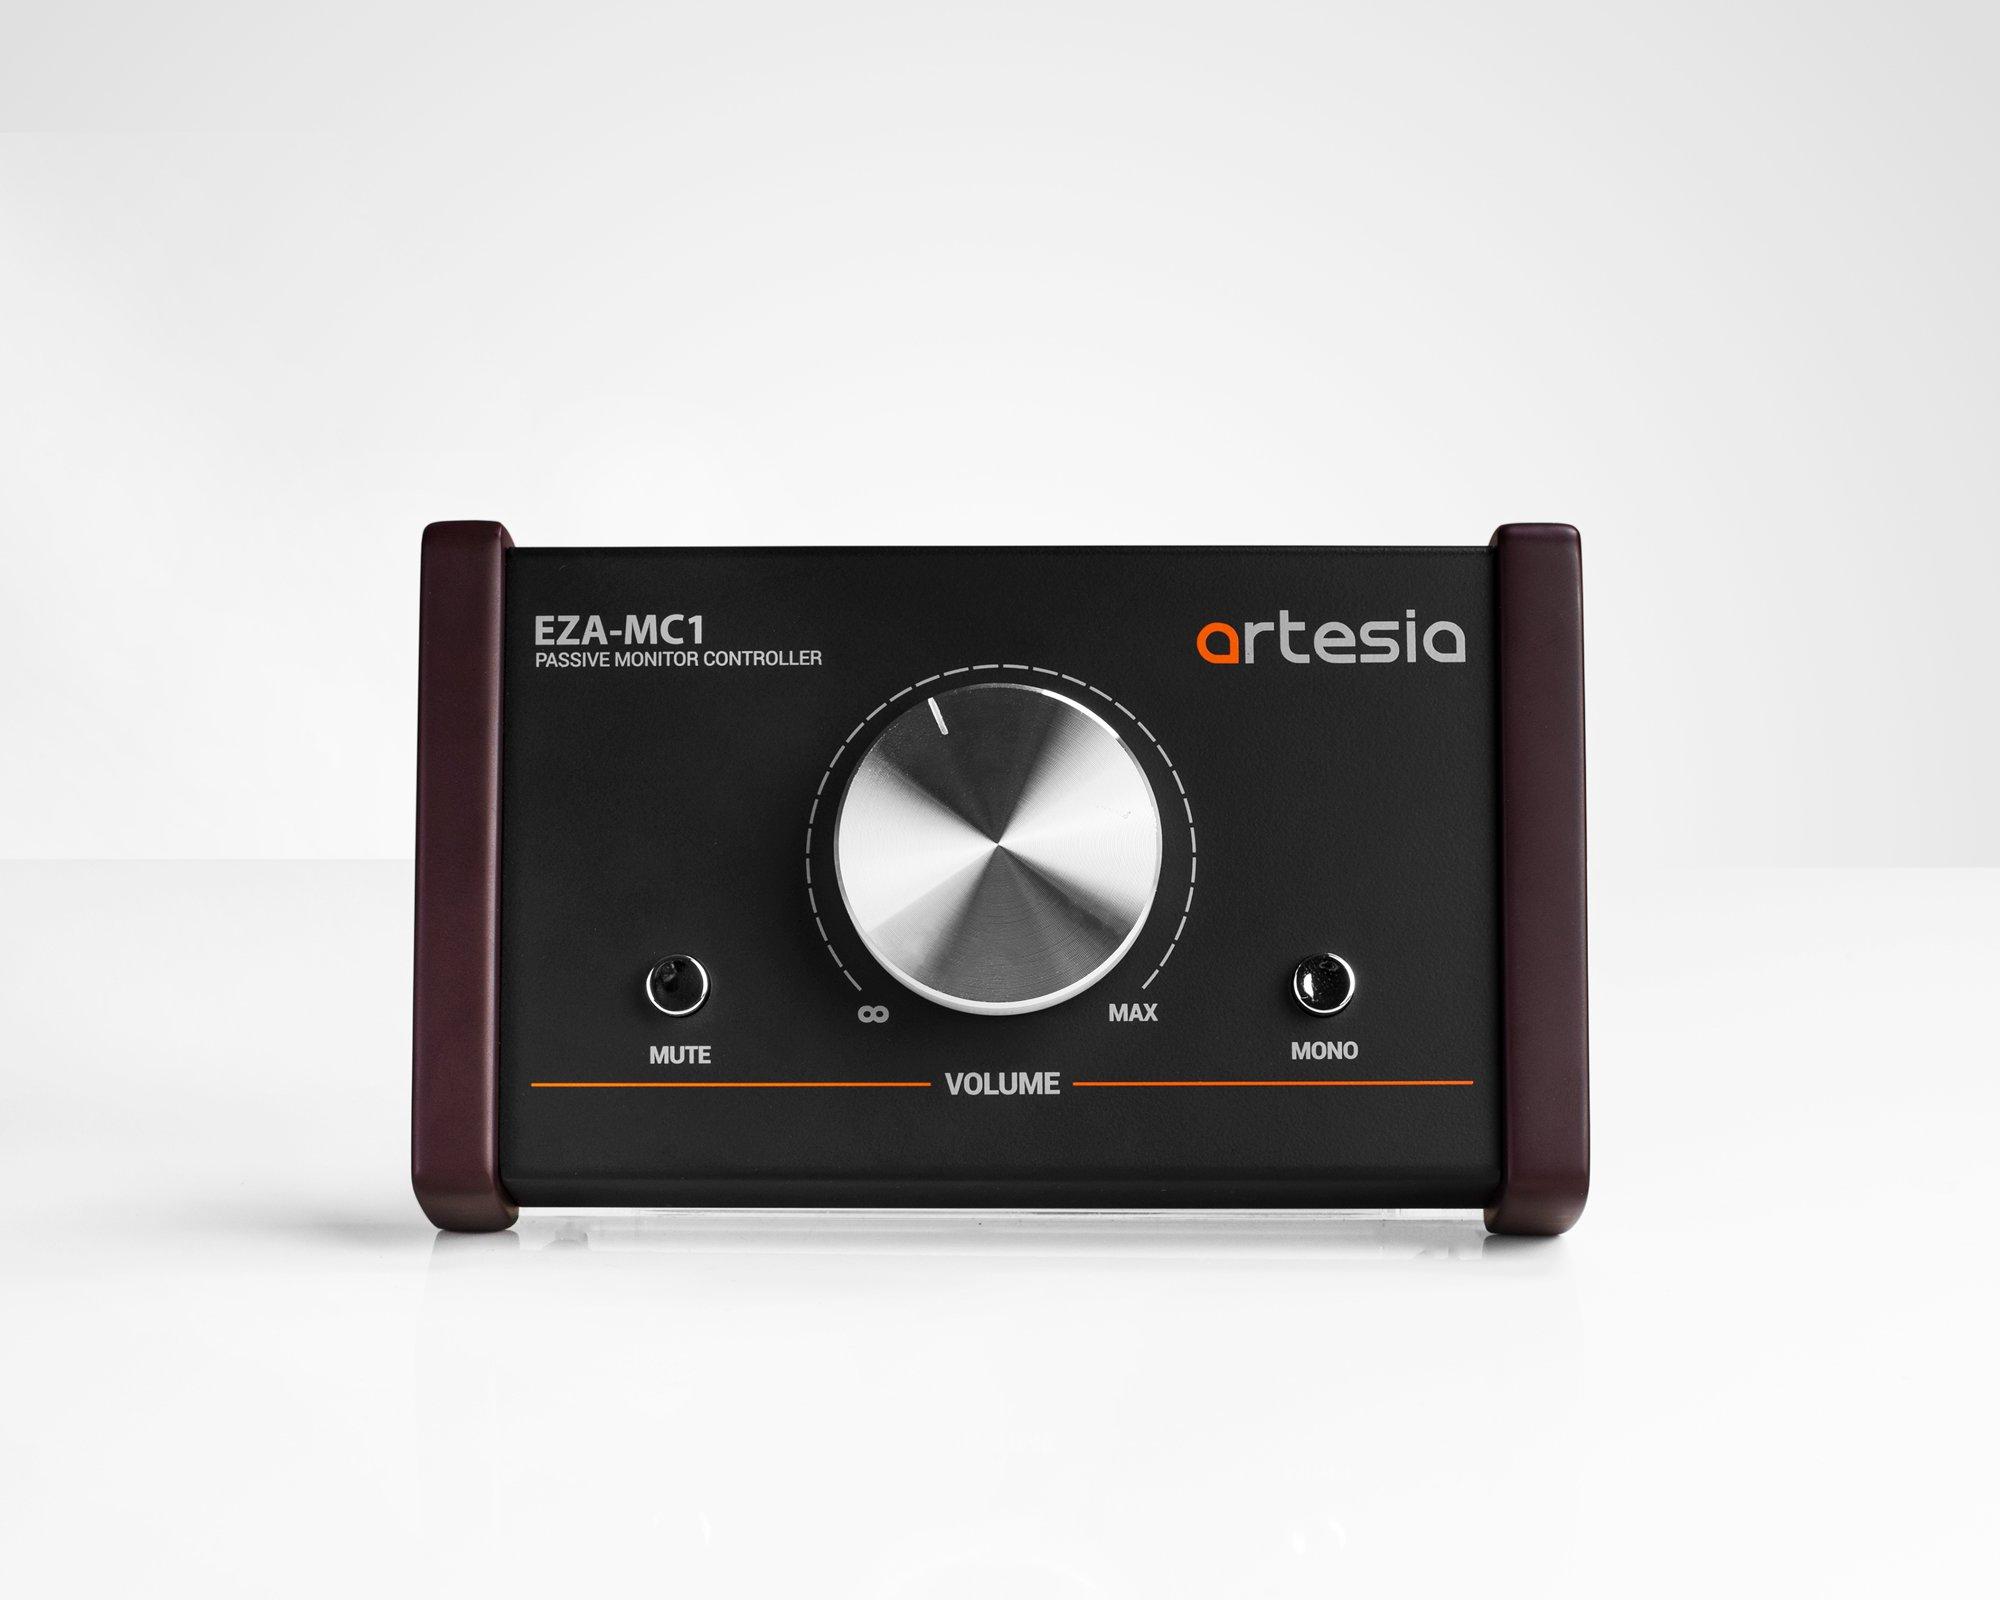 ARTESIA EZA-MC1 PASSIVE MONITOR CONTROLLER